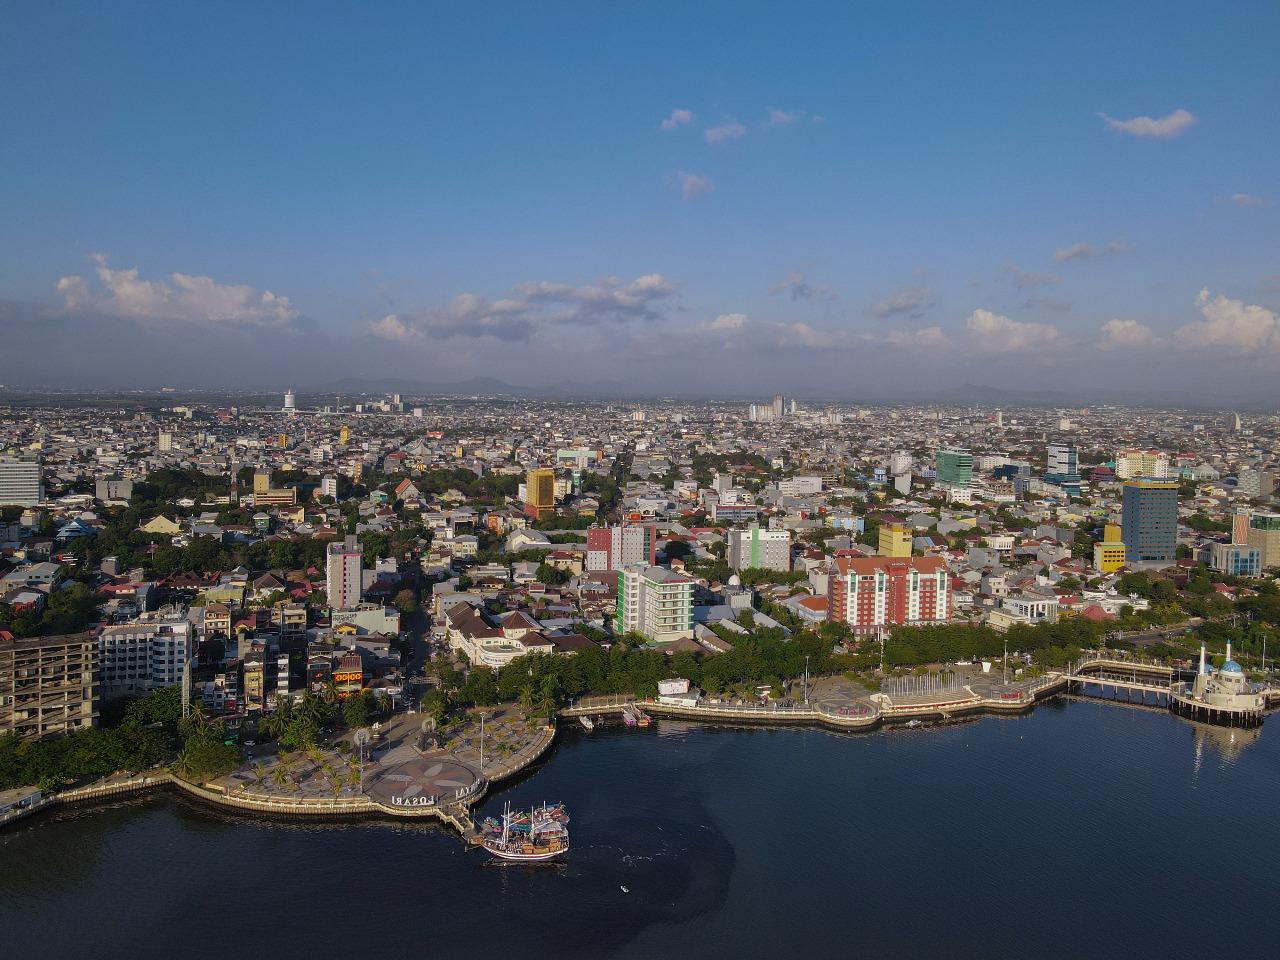 Makassar, kota terbesar di Pulau Sulawesi sekaligus menjadi pusat keuangan dan perekonomian © Oen Michael/Shutterstock